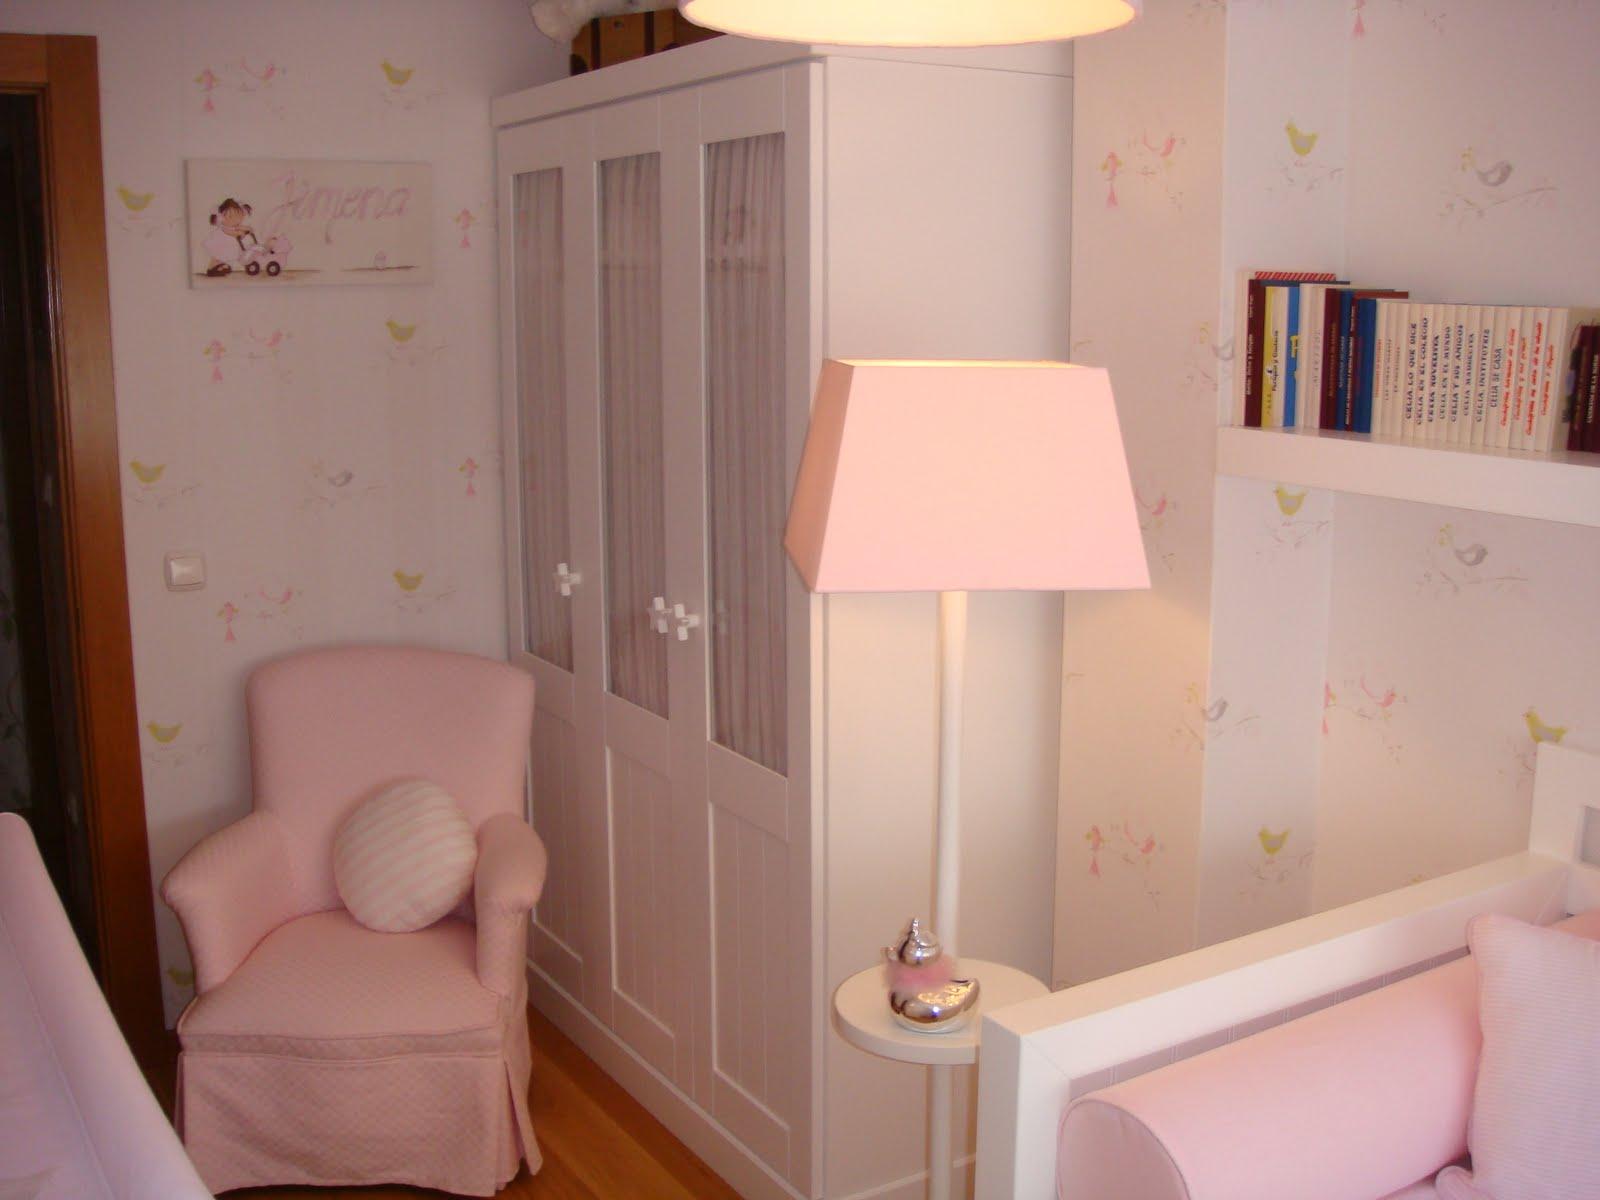 Caracolas deco la habitaci n de jimena - Lamparas para habitaciones infantiles ...